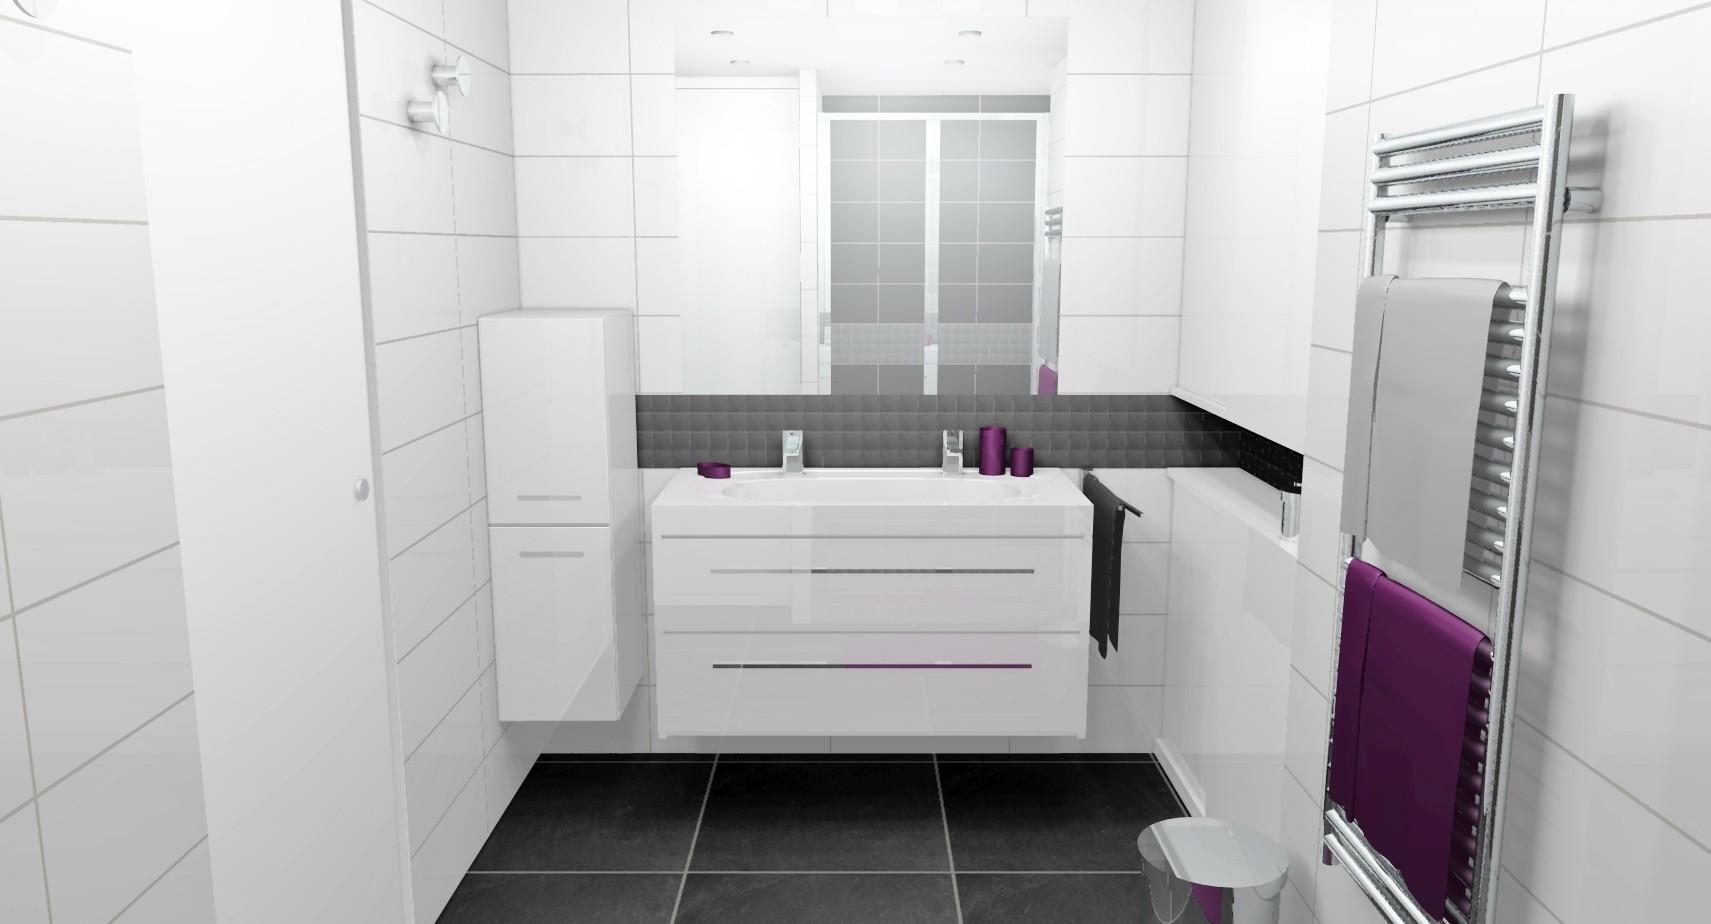 amnager une salle de bain de 6m2 amenagement salle de bain m petite salle de bain hyper bien. Black Bedroom Furniture Sets. Home Design Ideas